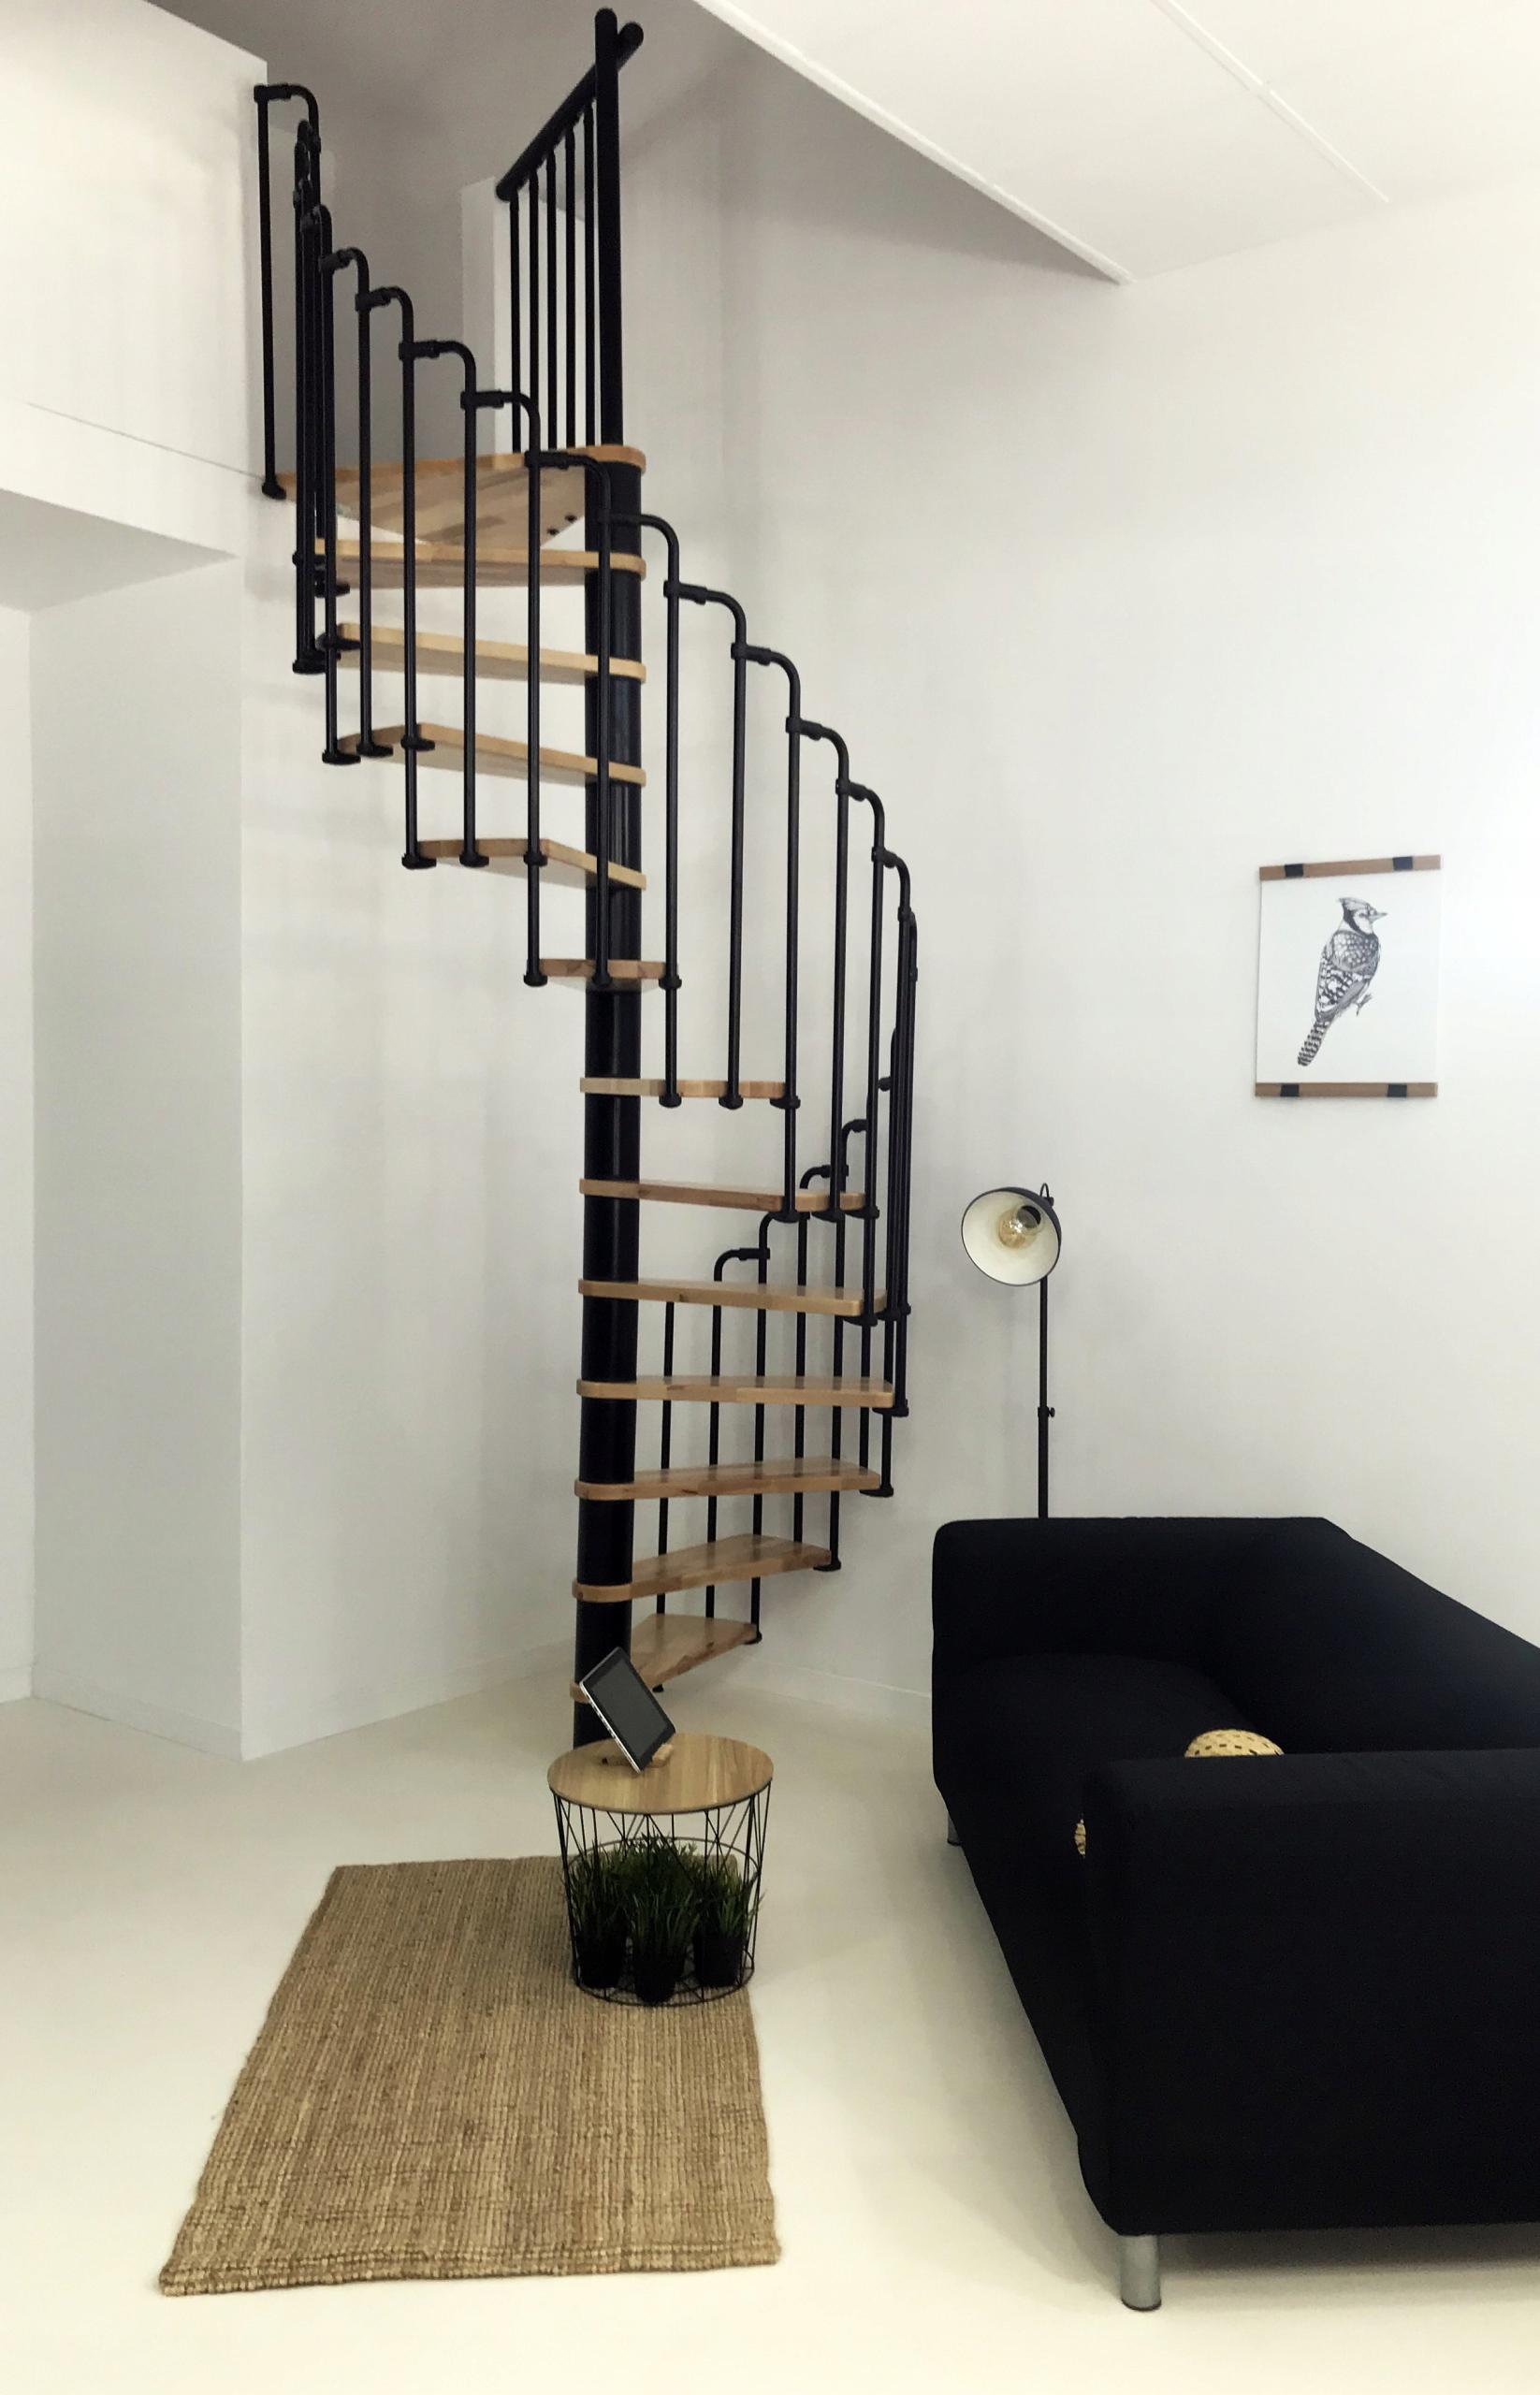 СПЕЦИАЛЬНОЕ ПРЕДЛОЖЕНИЕ ! Винтовая лестница Париж диам. 140